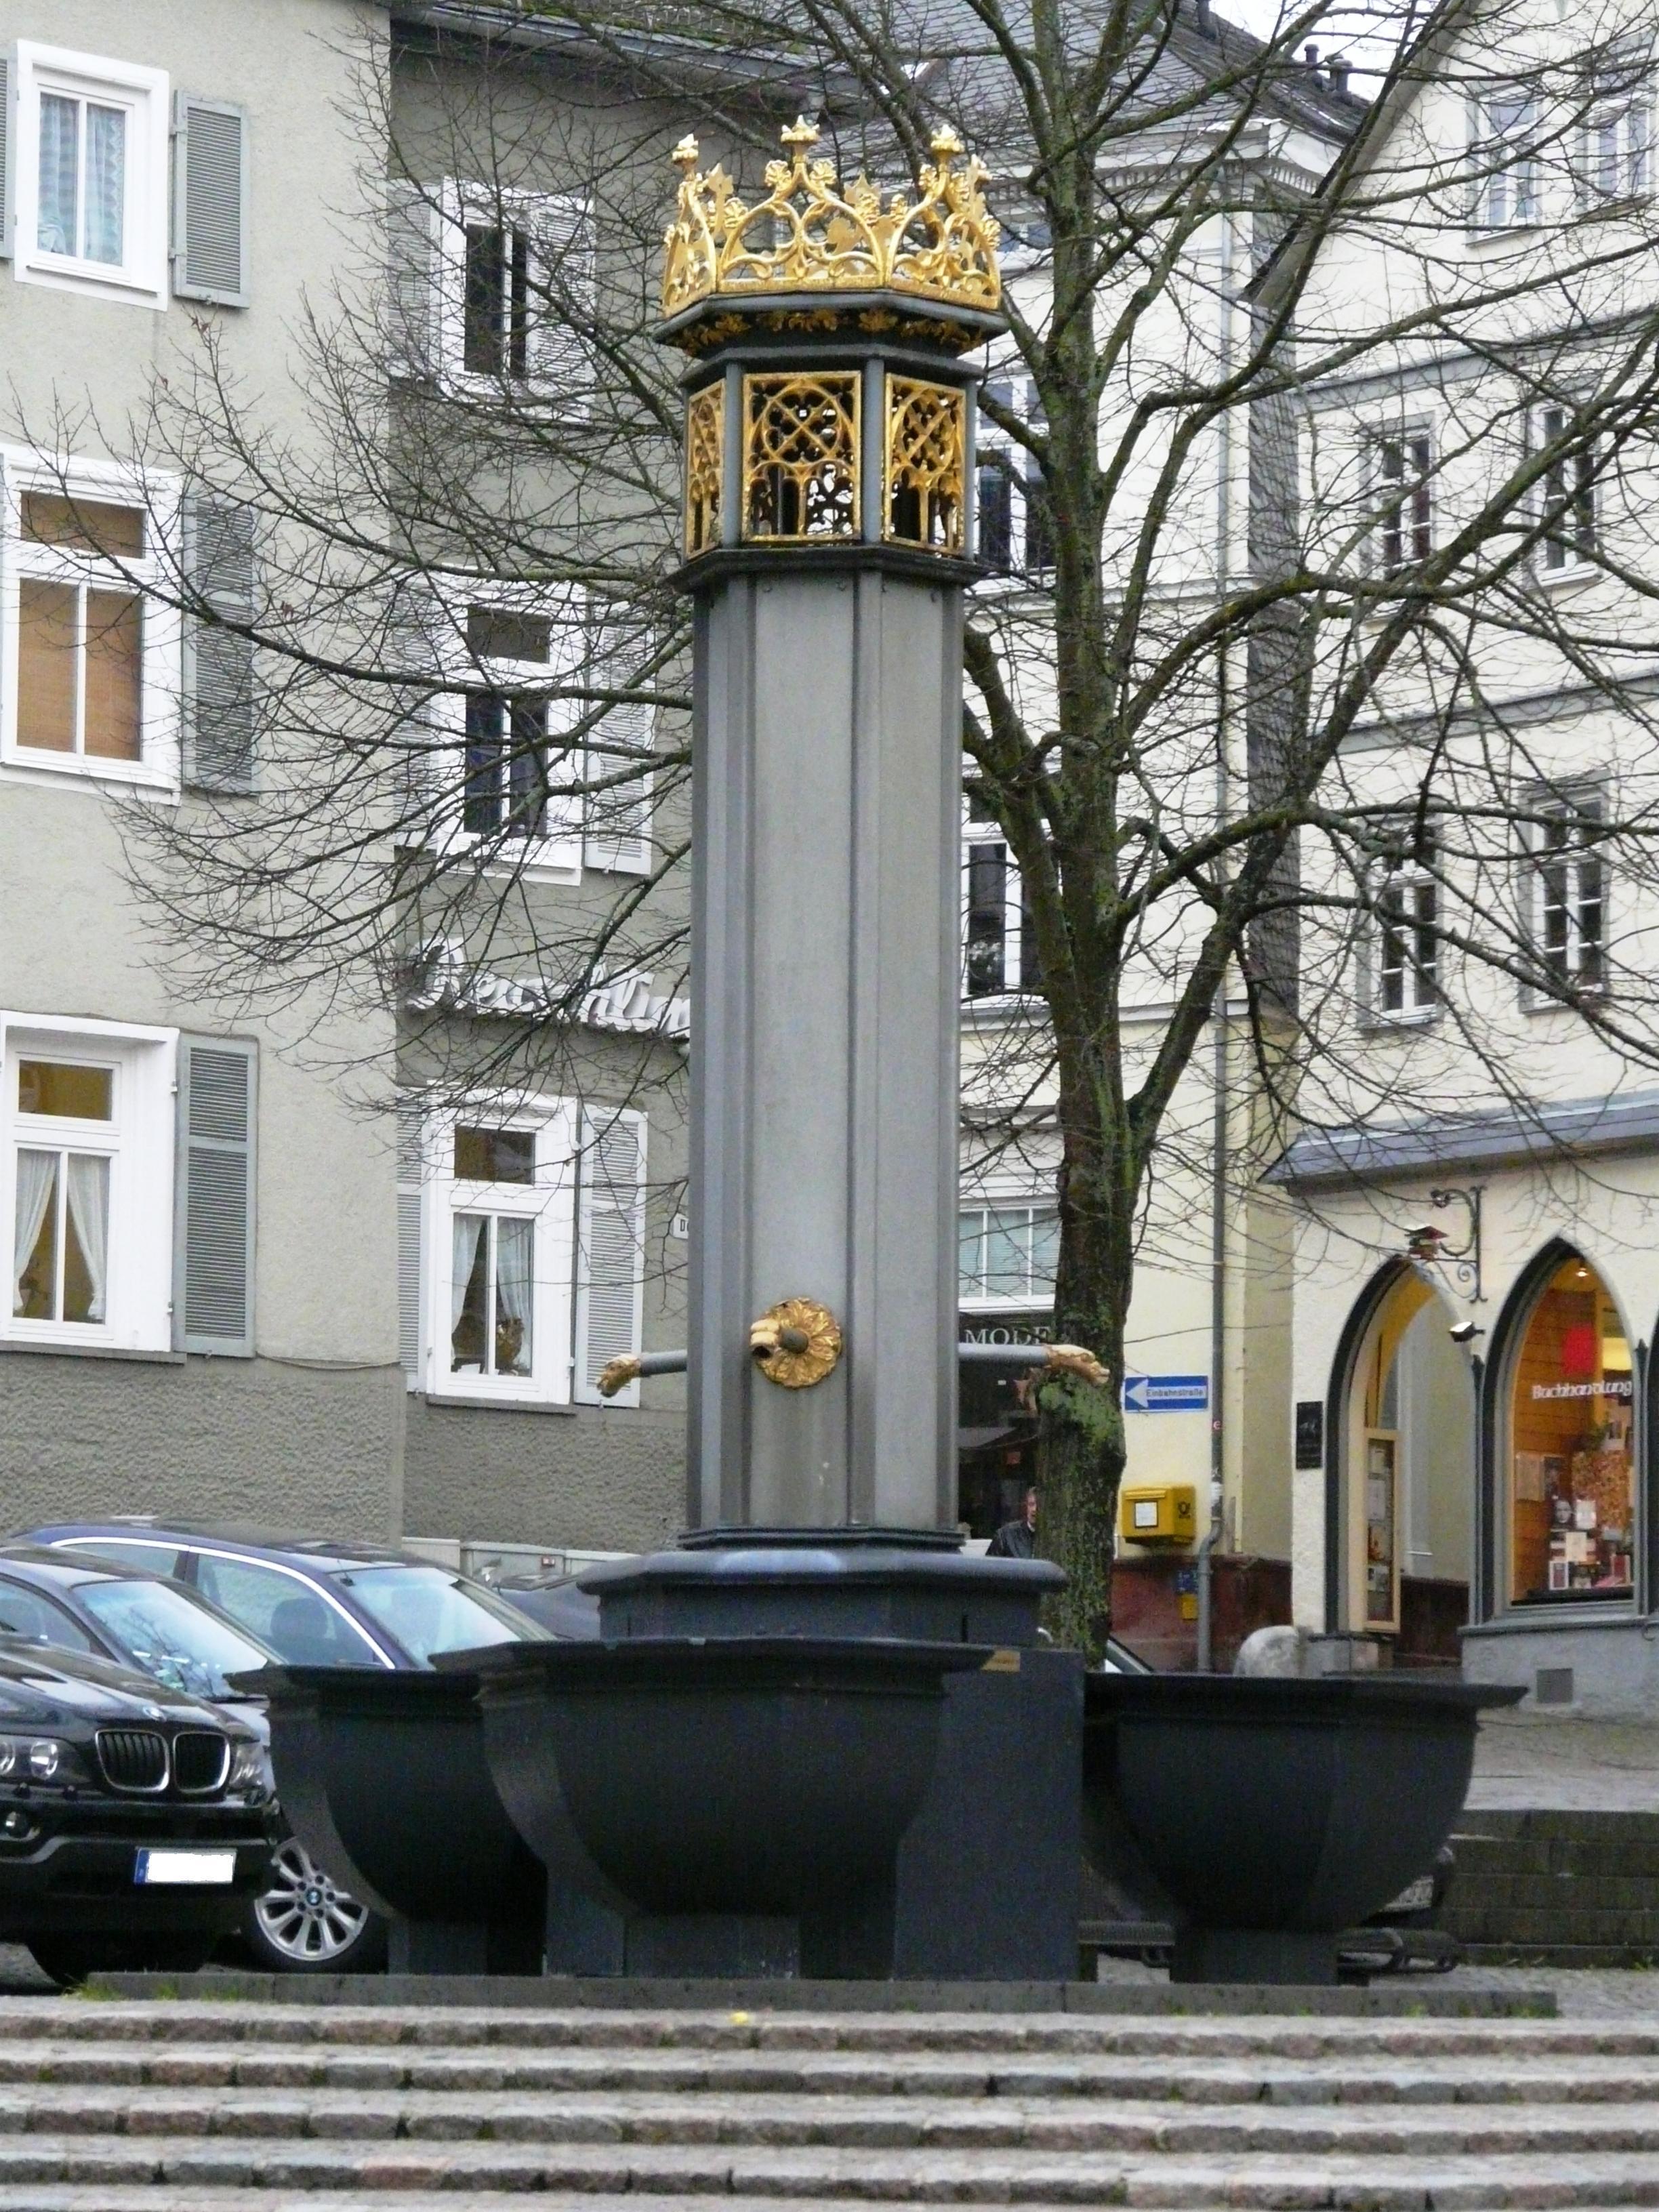 Historische Altstadt Wetzlar – Wikipedia